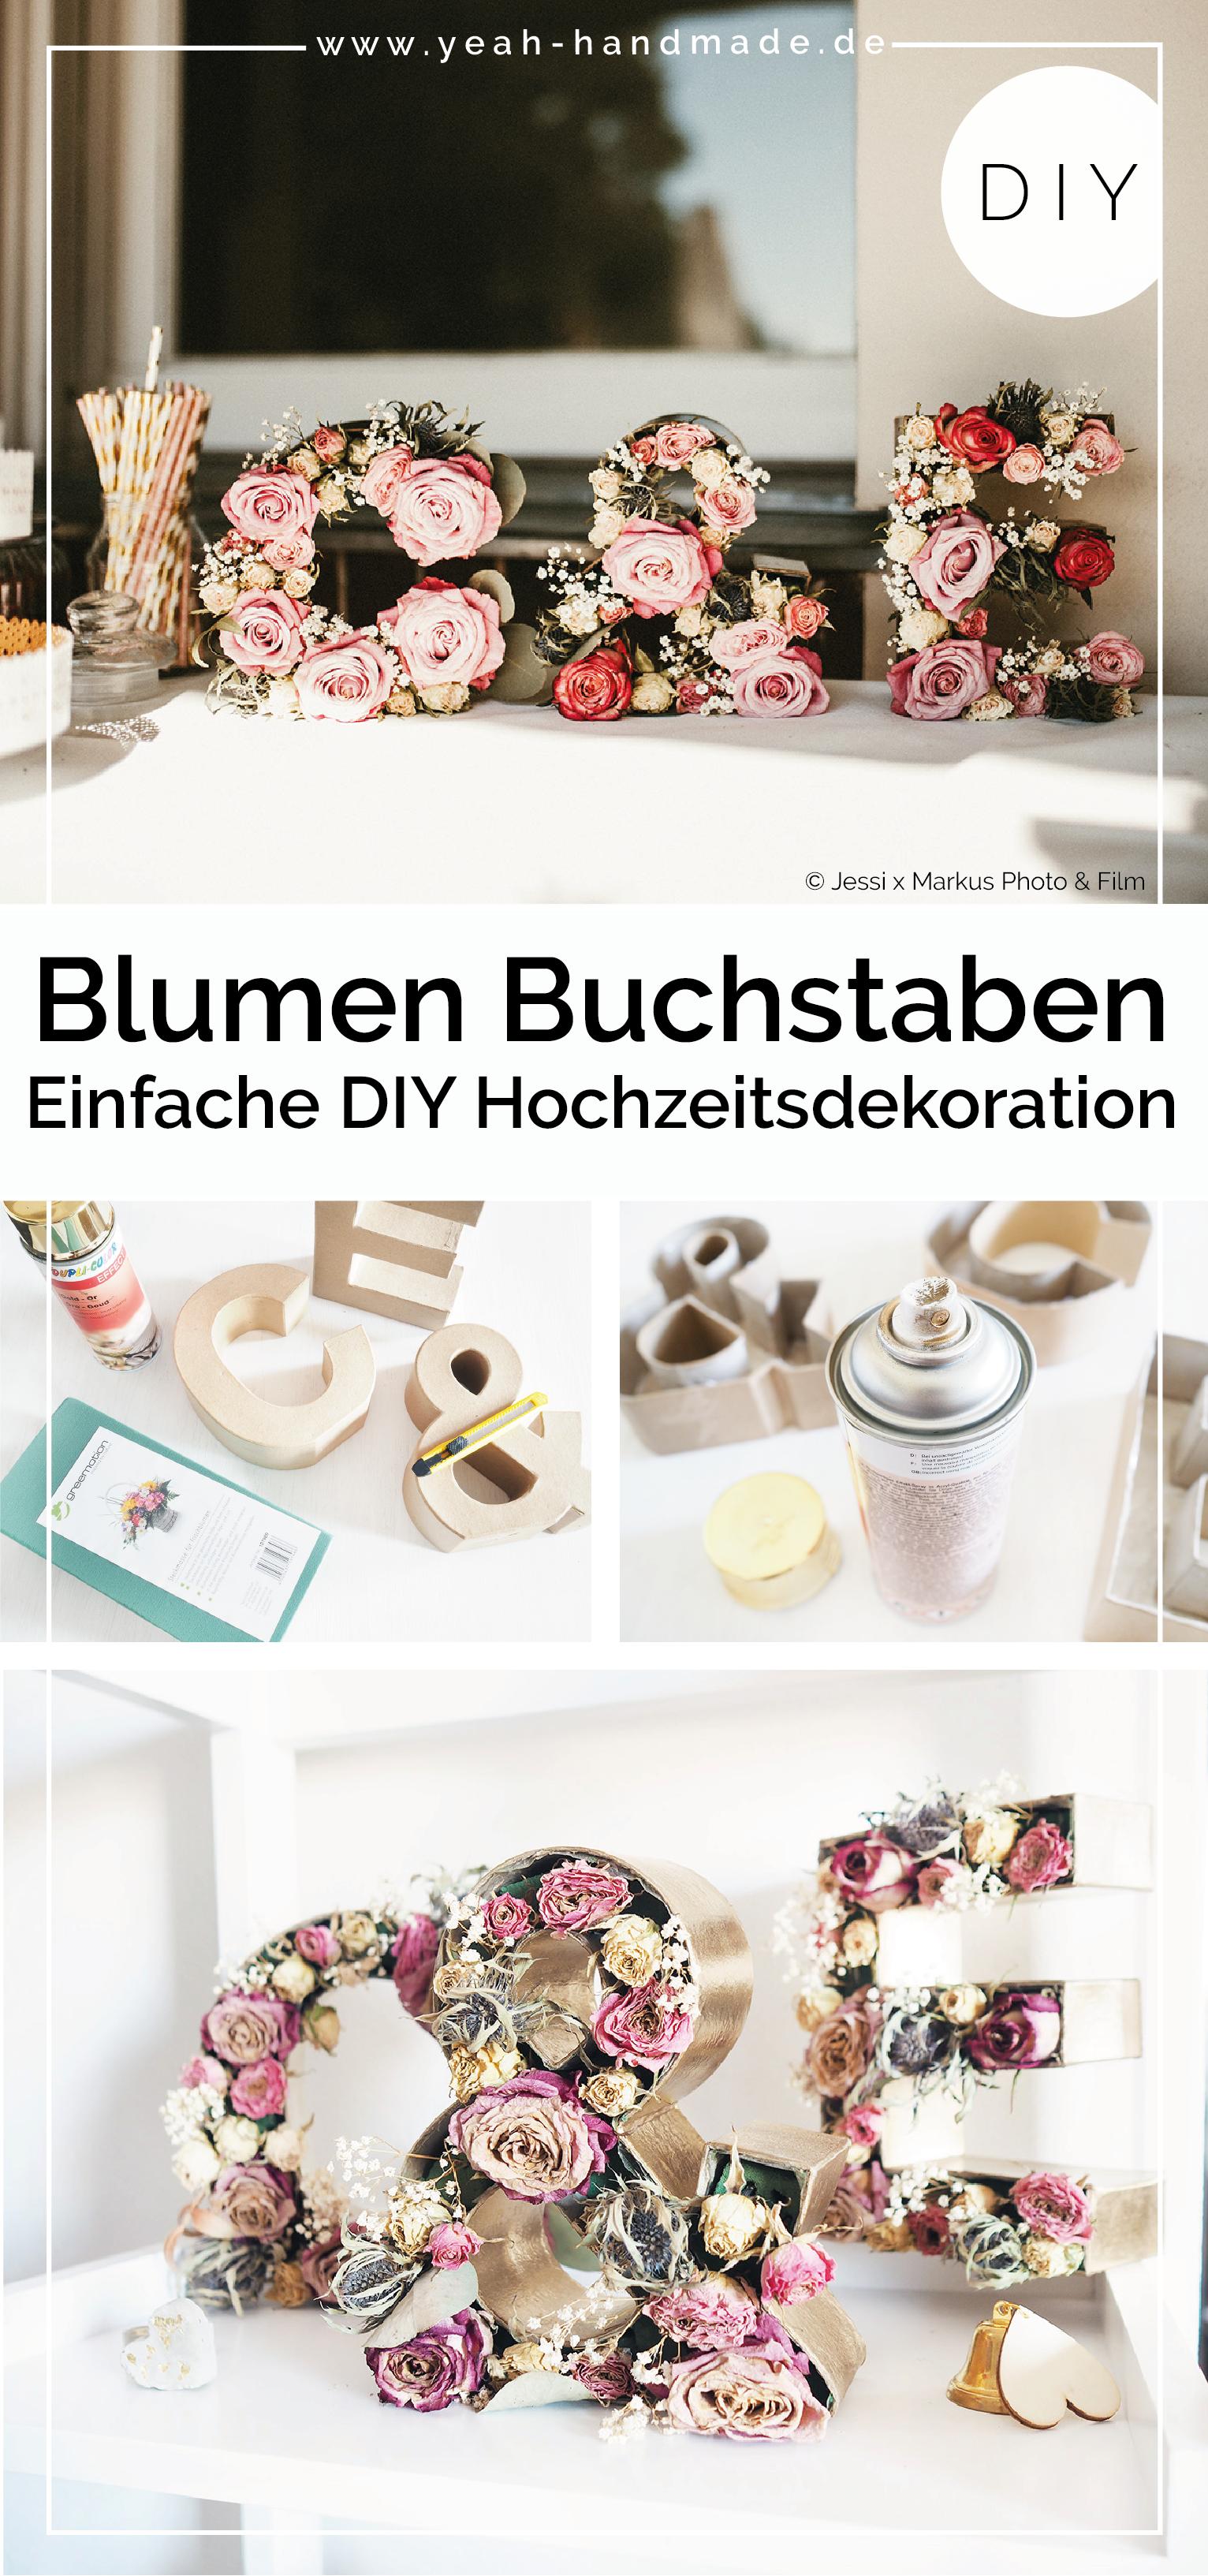 diy hochzeitsideen: dekoration mit blumen buchstaben | yeah handmade